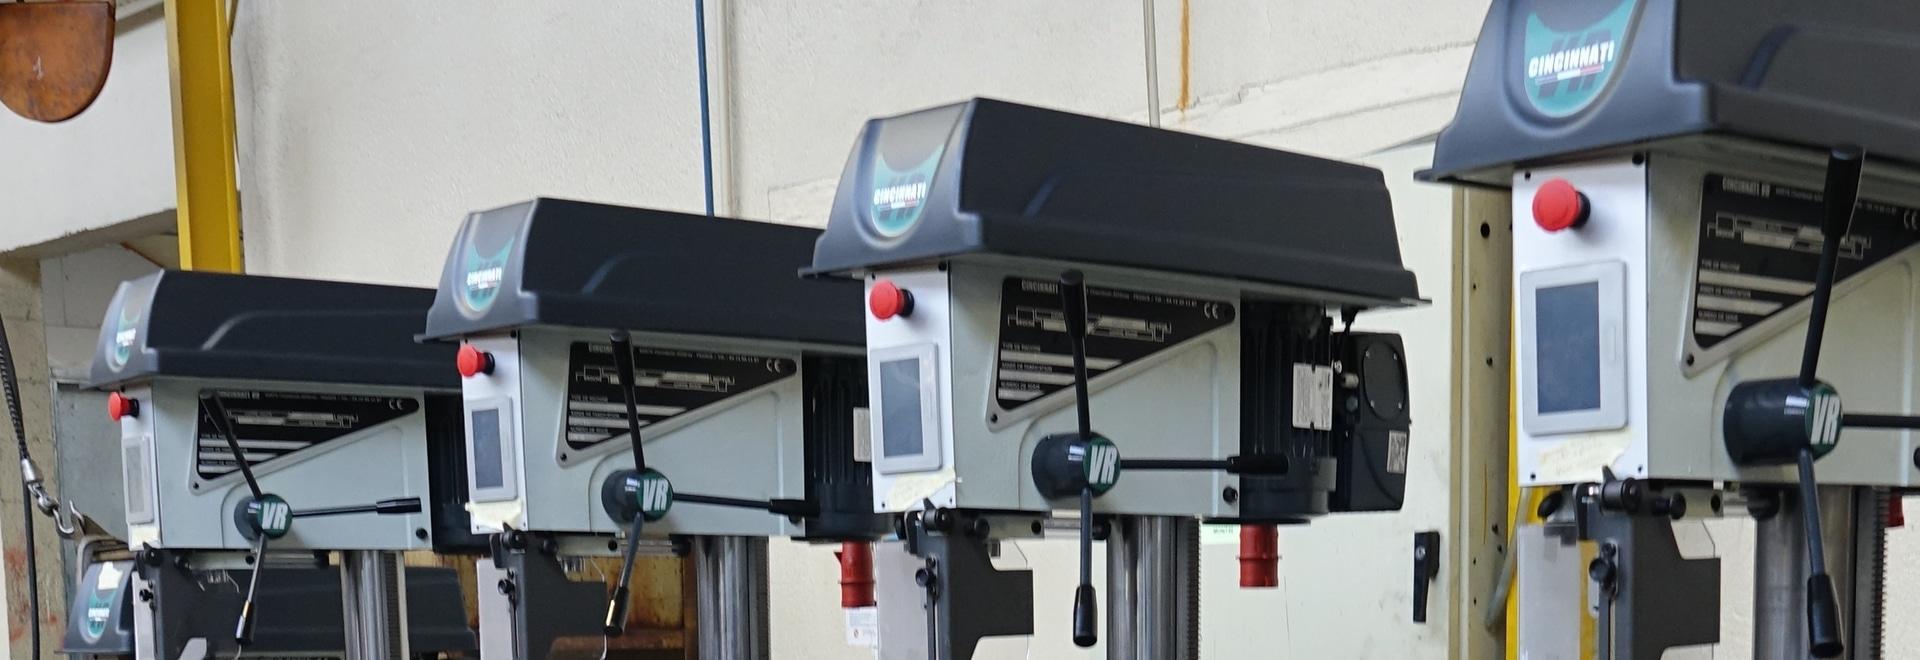 Le fabricant de machines-outils Cincinnati VR a retenu Commander ID 300 pour sa nouvelle gamme de perceuses